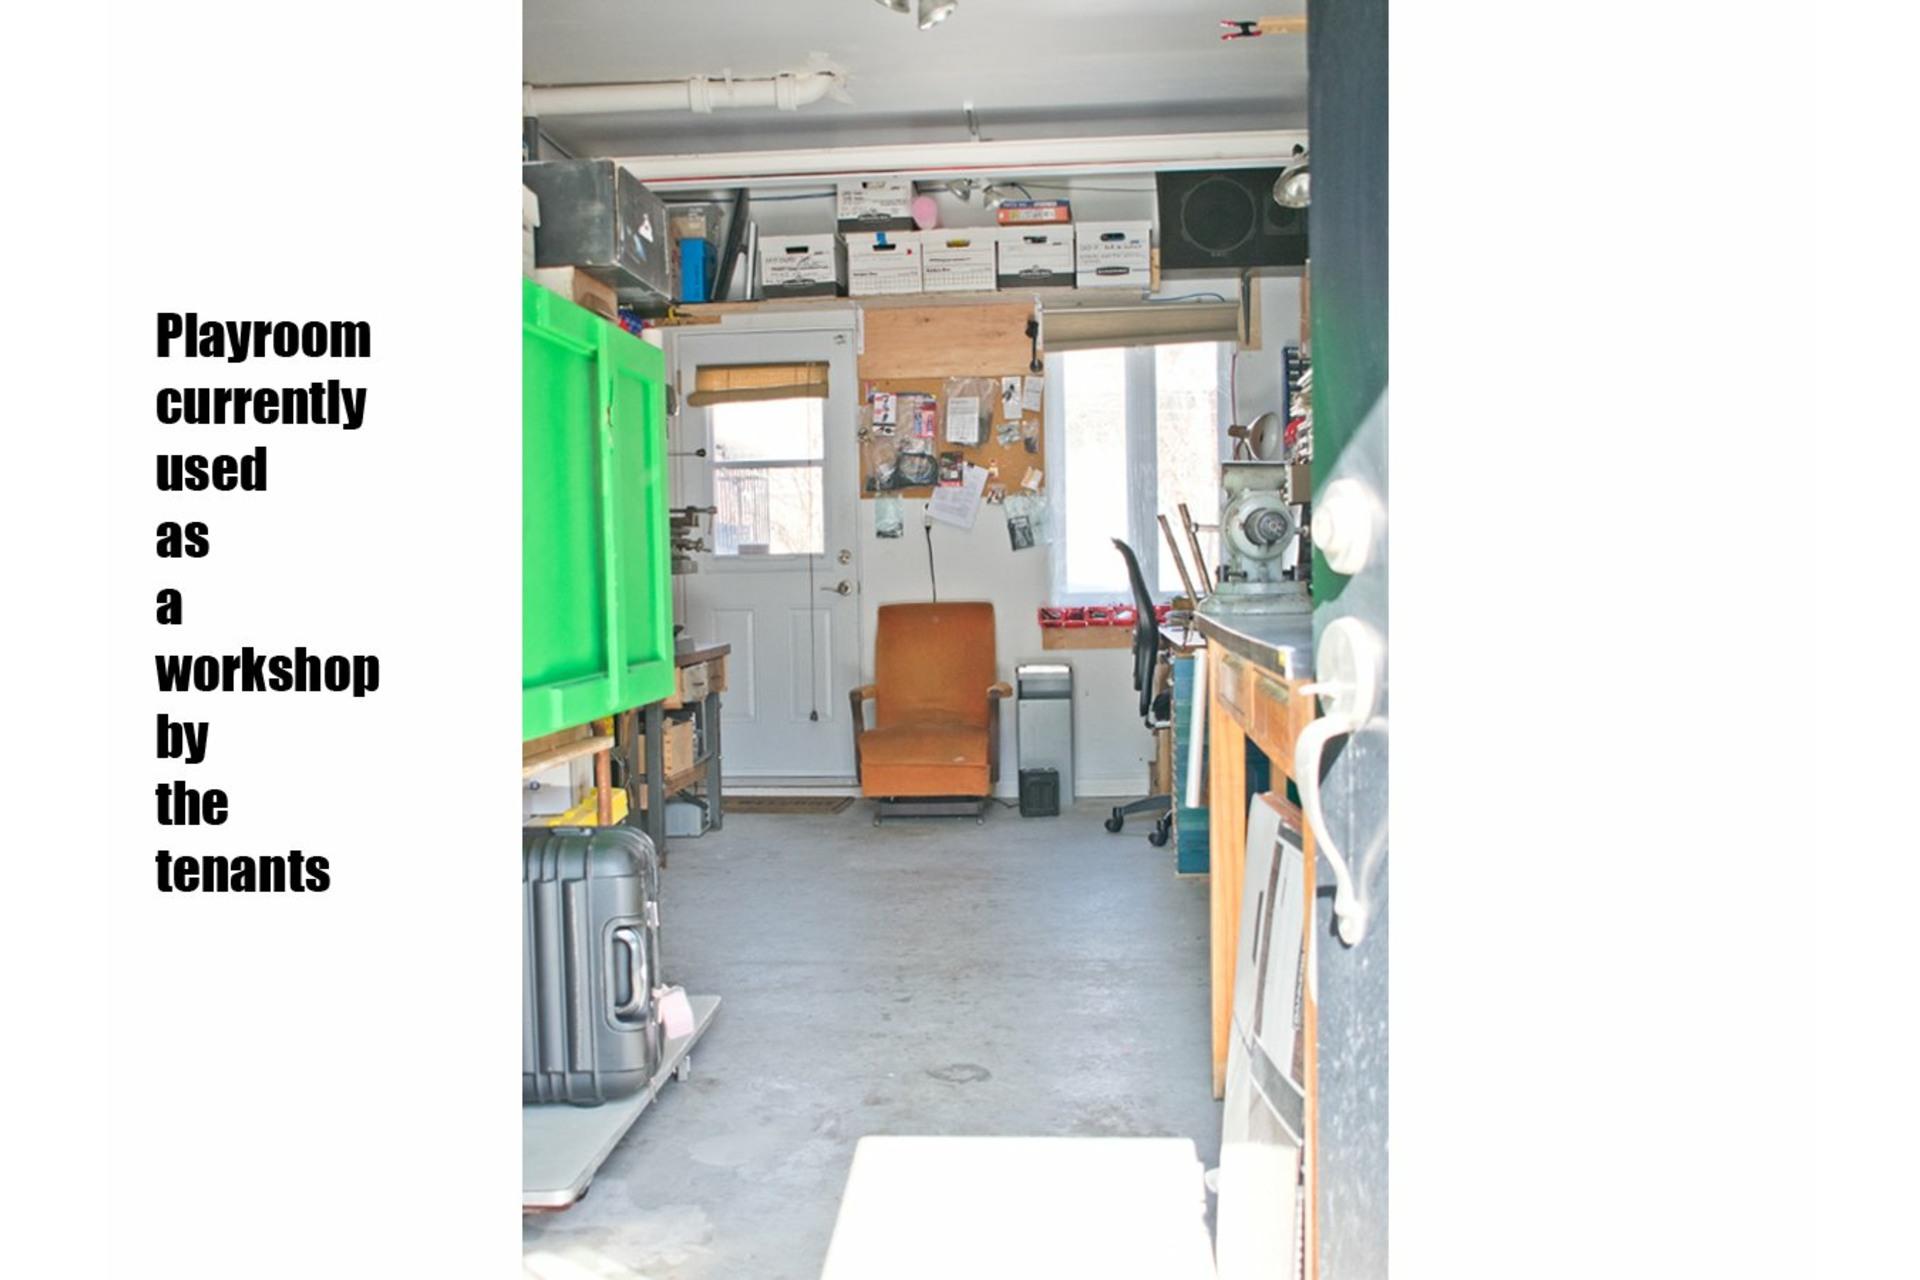 image 12 - Maison À vendre Villeray/Saint-Michel/Parc-Extension Montréal  - 9 pièces